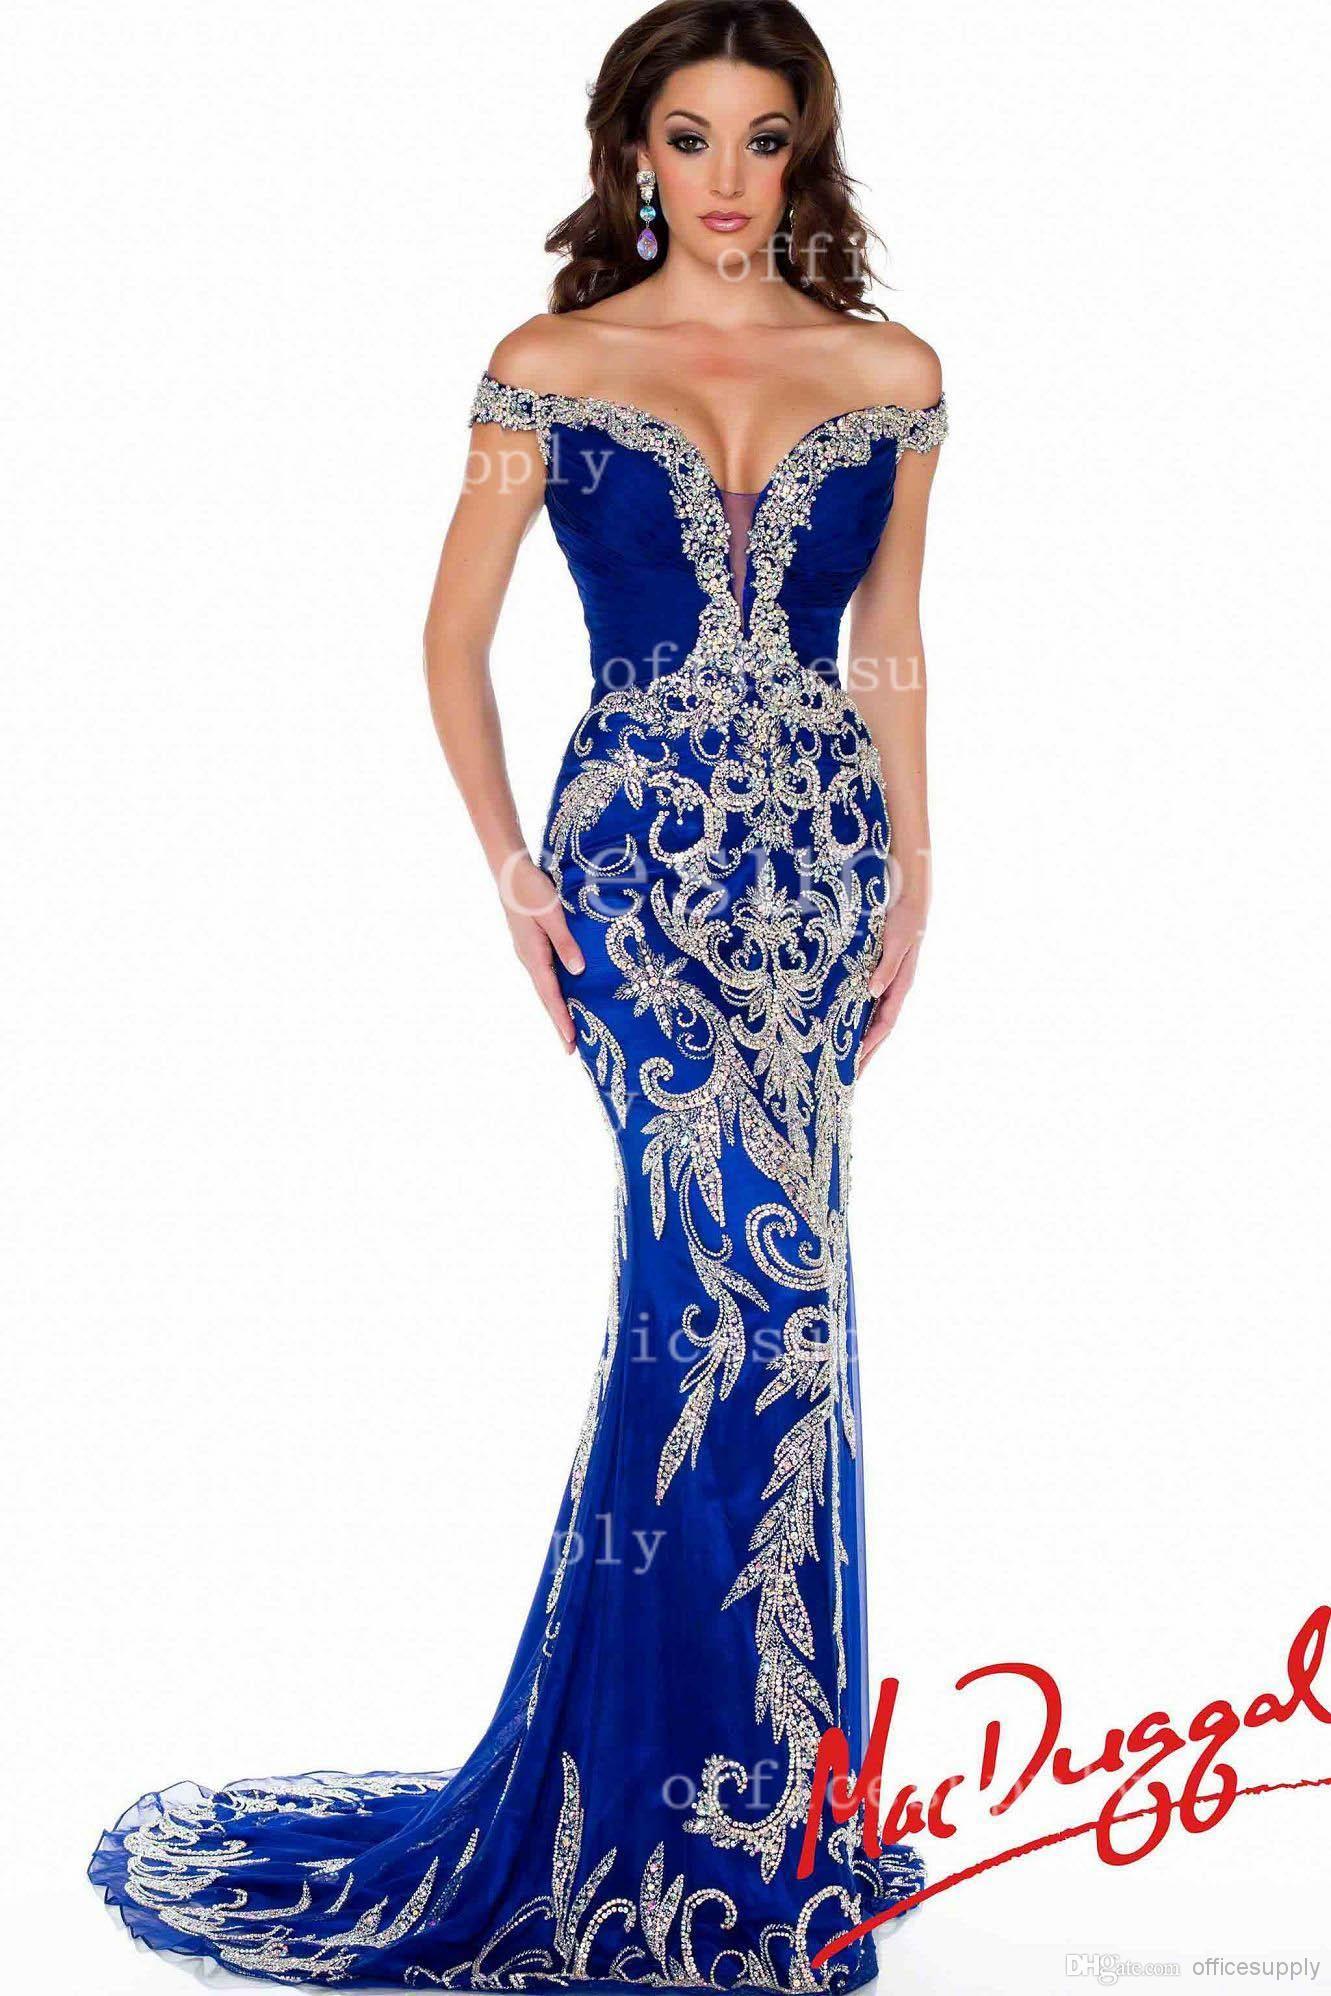 Blue Mermaid Prom Dress 2014 - Missy Dress